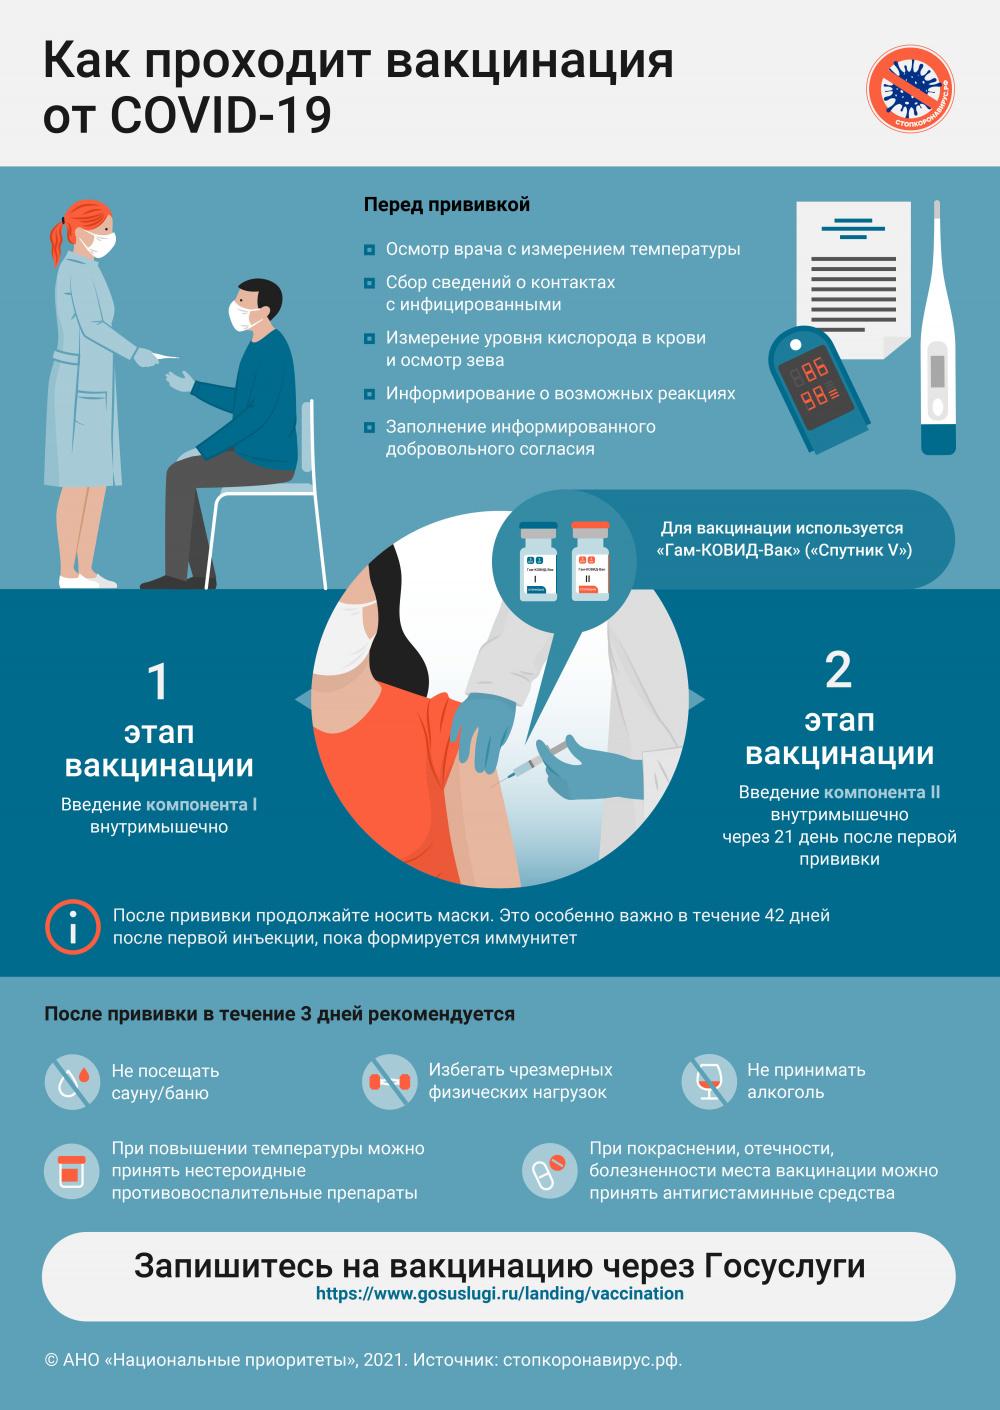 Как проходит вакцинация от COVID-19